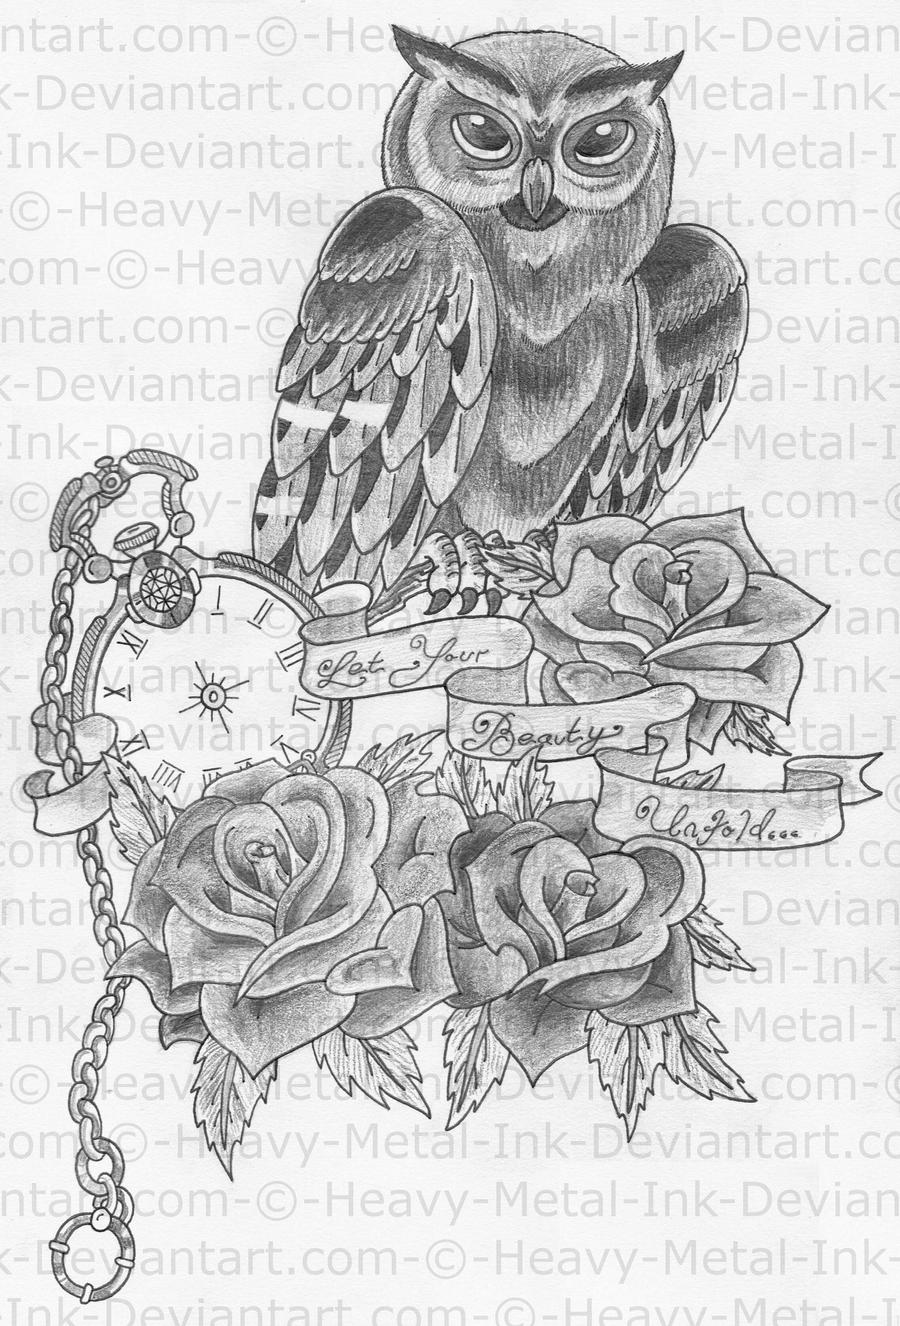 Owl Half-sleeve Design by Heavy-metal-ink